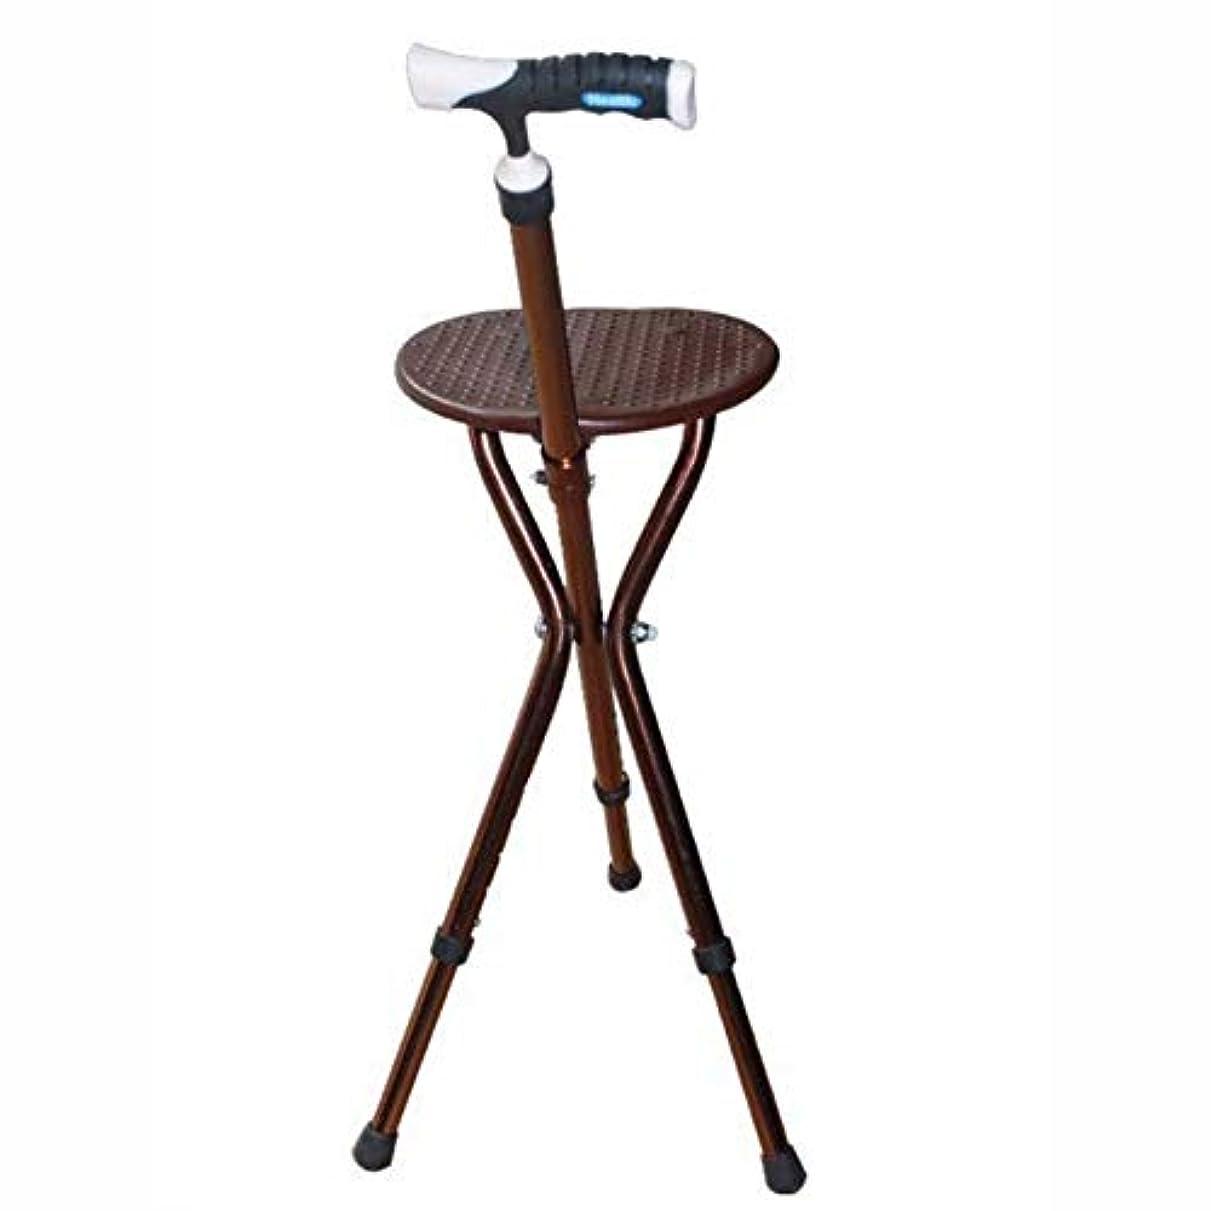 植物の先祖実証するDSHUJCアルミ合金杖椅子3脚松葉杖マッサージ照明機能付き5つのファイル高さ調節可能高齢者に便利